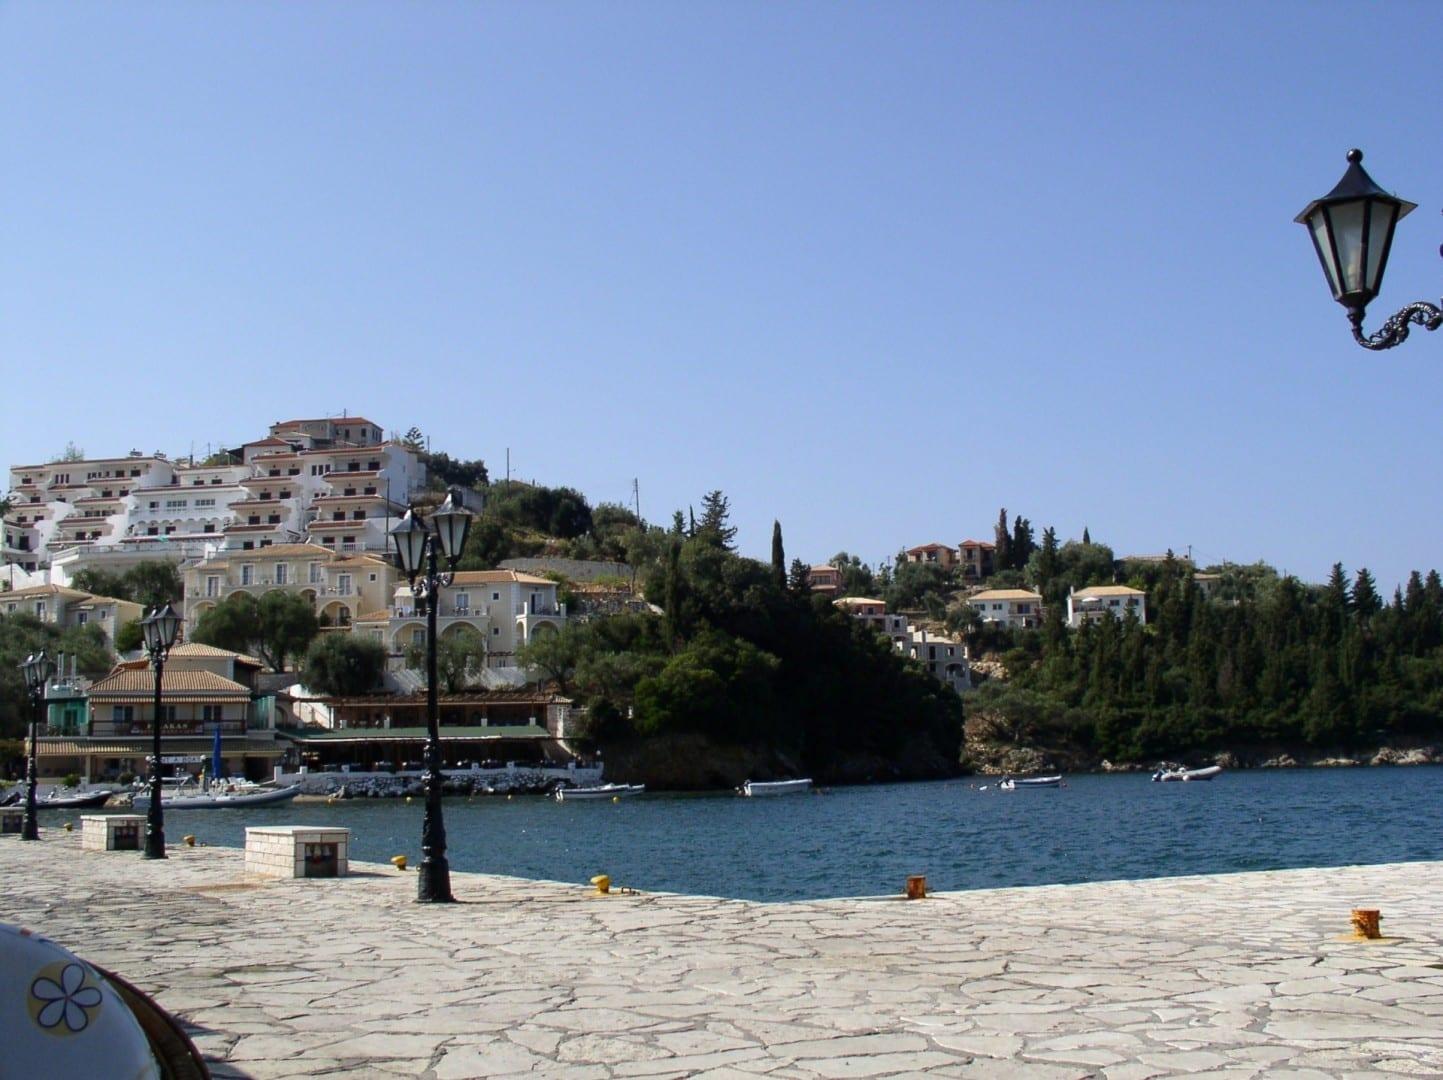 Vista del puerto de Syvota mirando al sur desde el extremo norte del puerto. Los restaurantes y cafés están a lo largo del frente del puerto (justo a la izquierda de Sivota Grecia